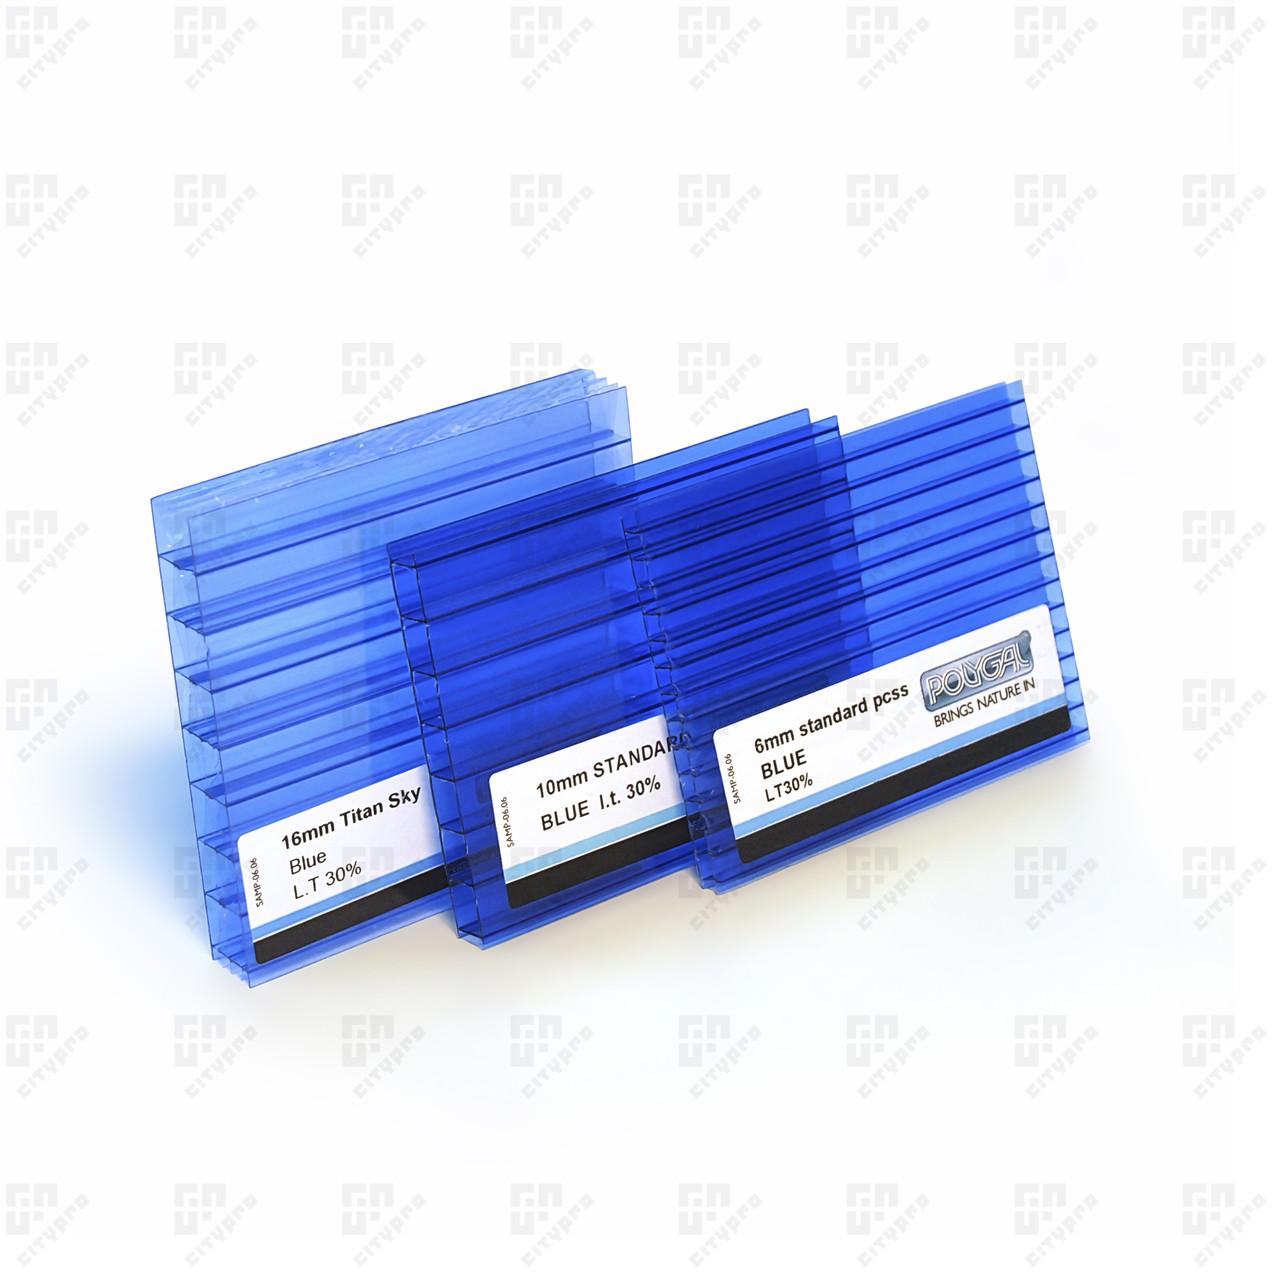 Стільниковий полікарбонат Полігаль, блакитний 30%, лист 2.1 х 12 м, 6 мм